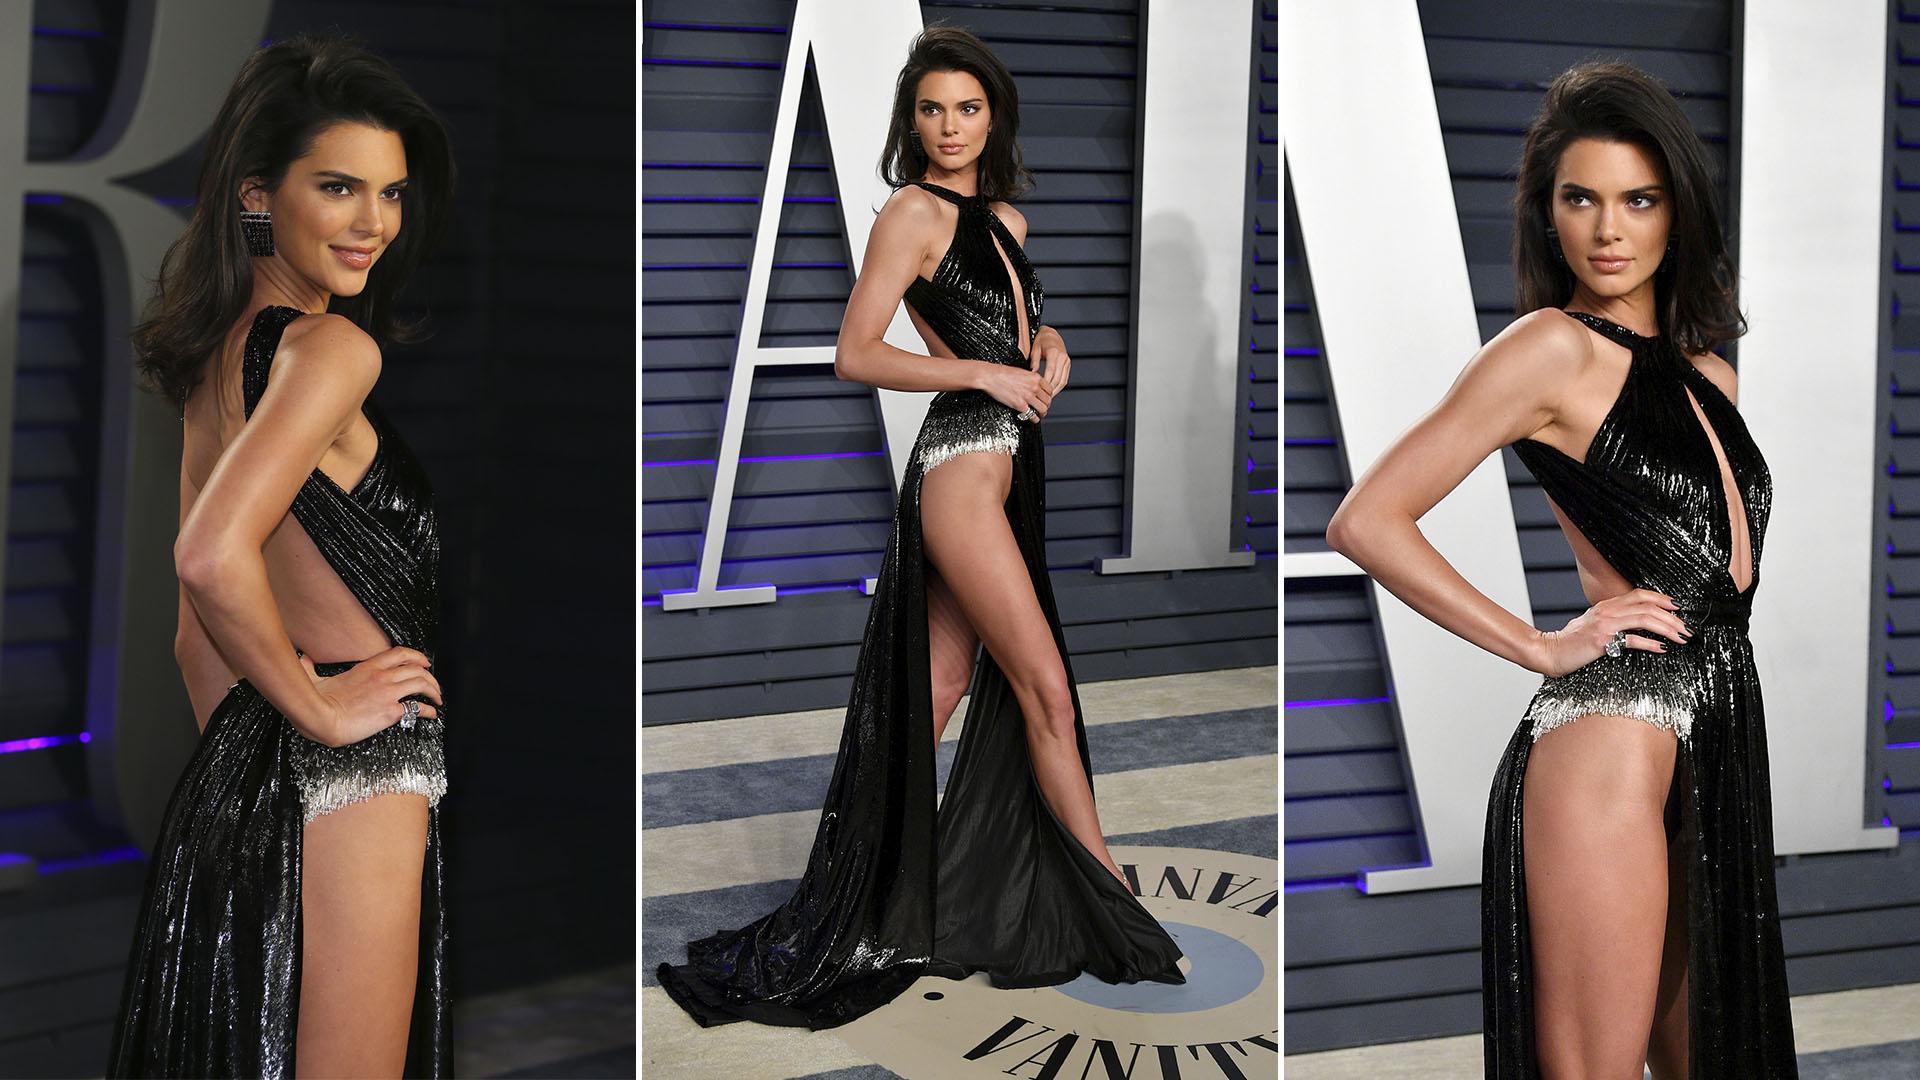 El sensual look de Kendall Jenner en los Oscar